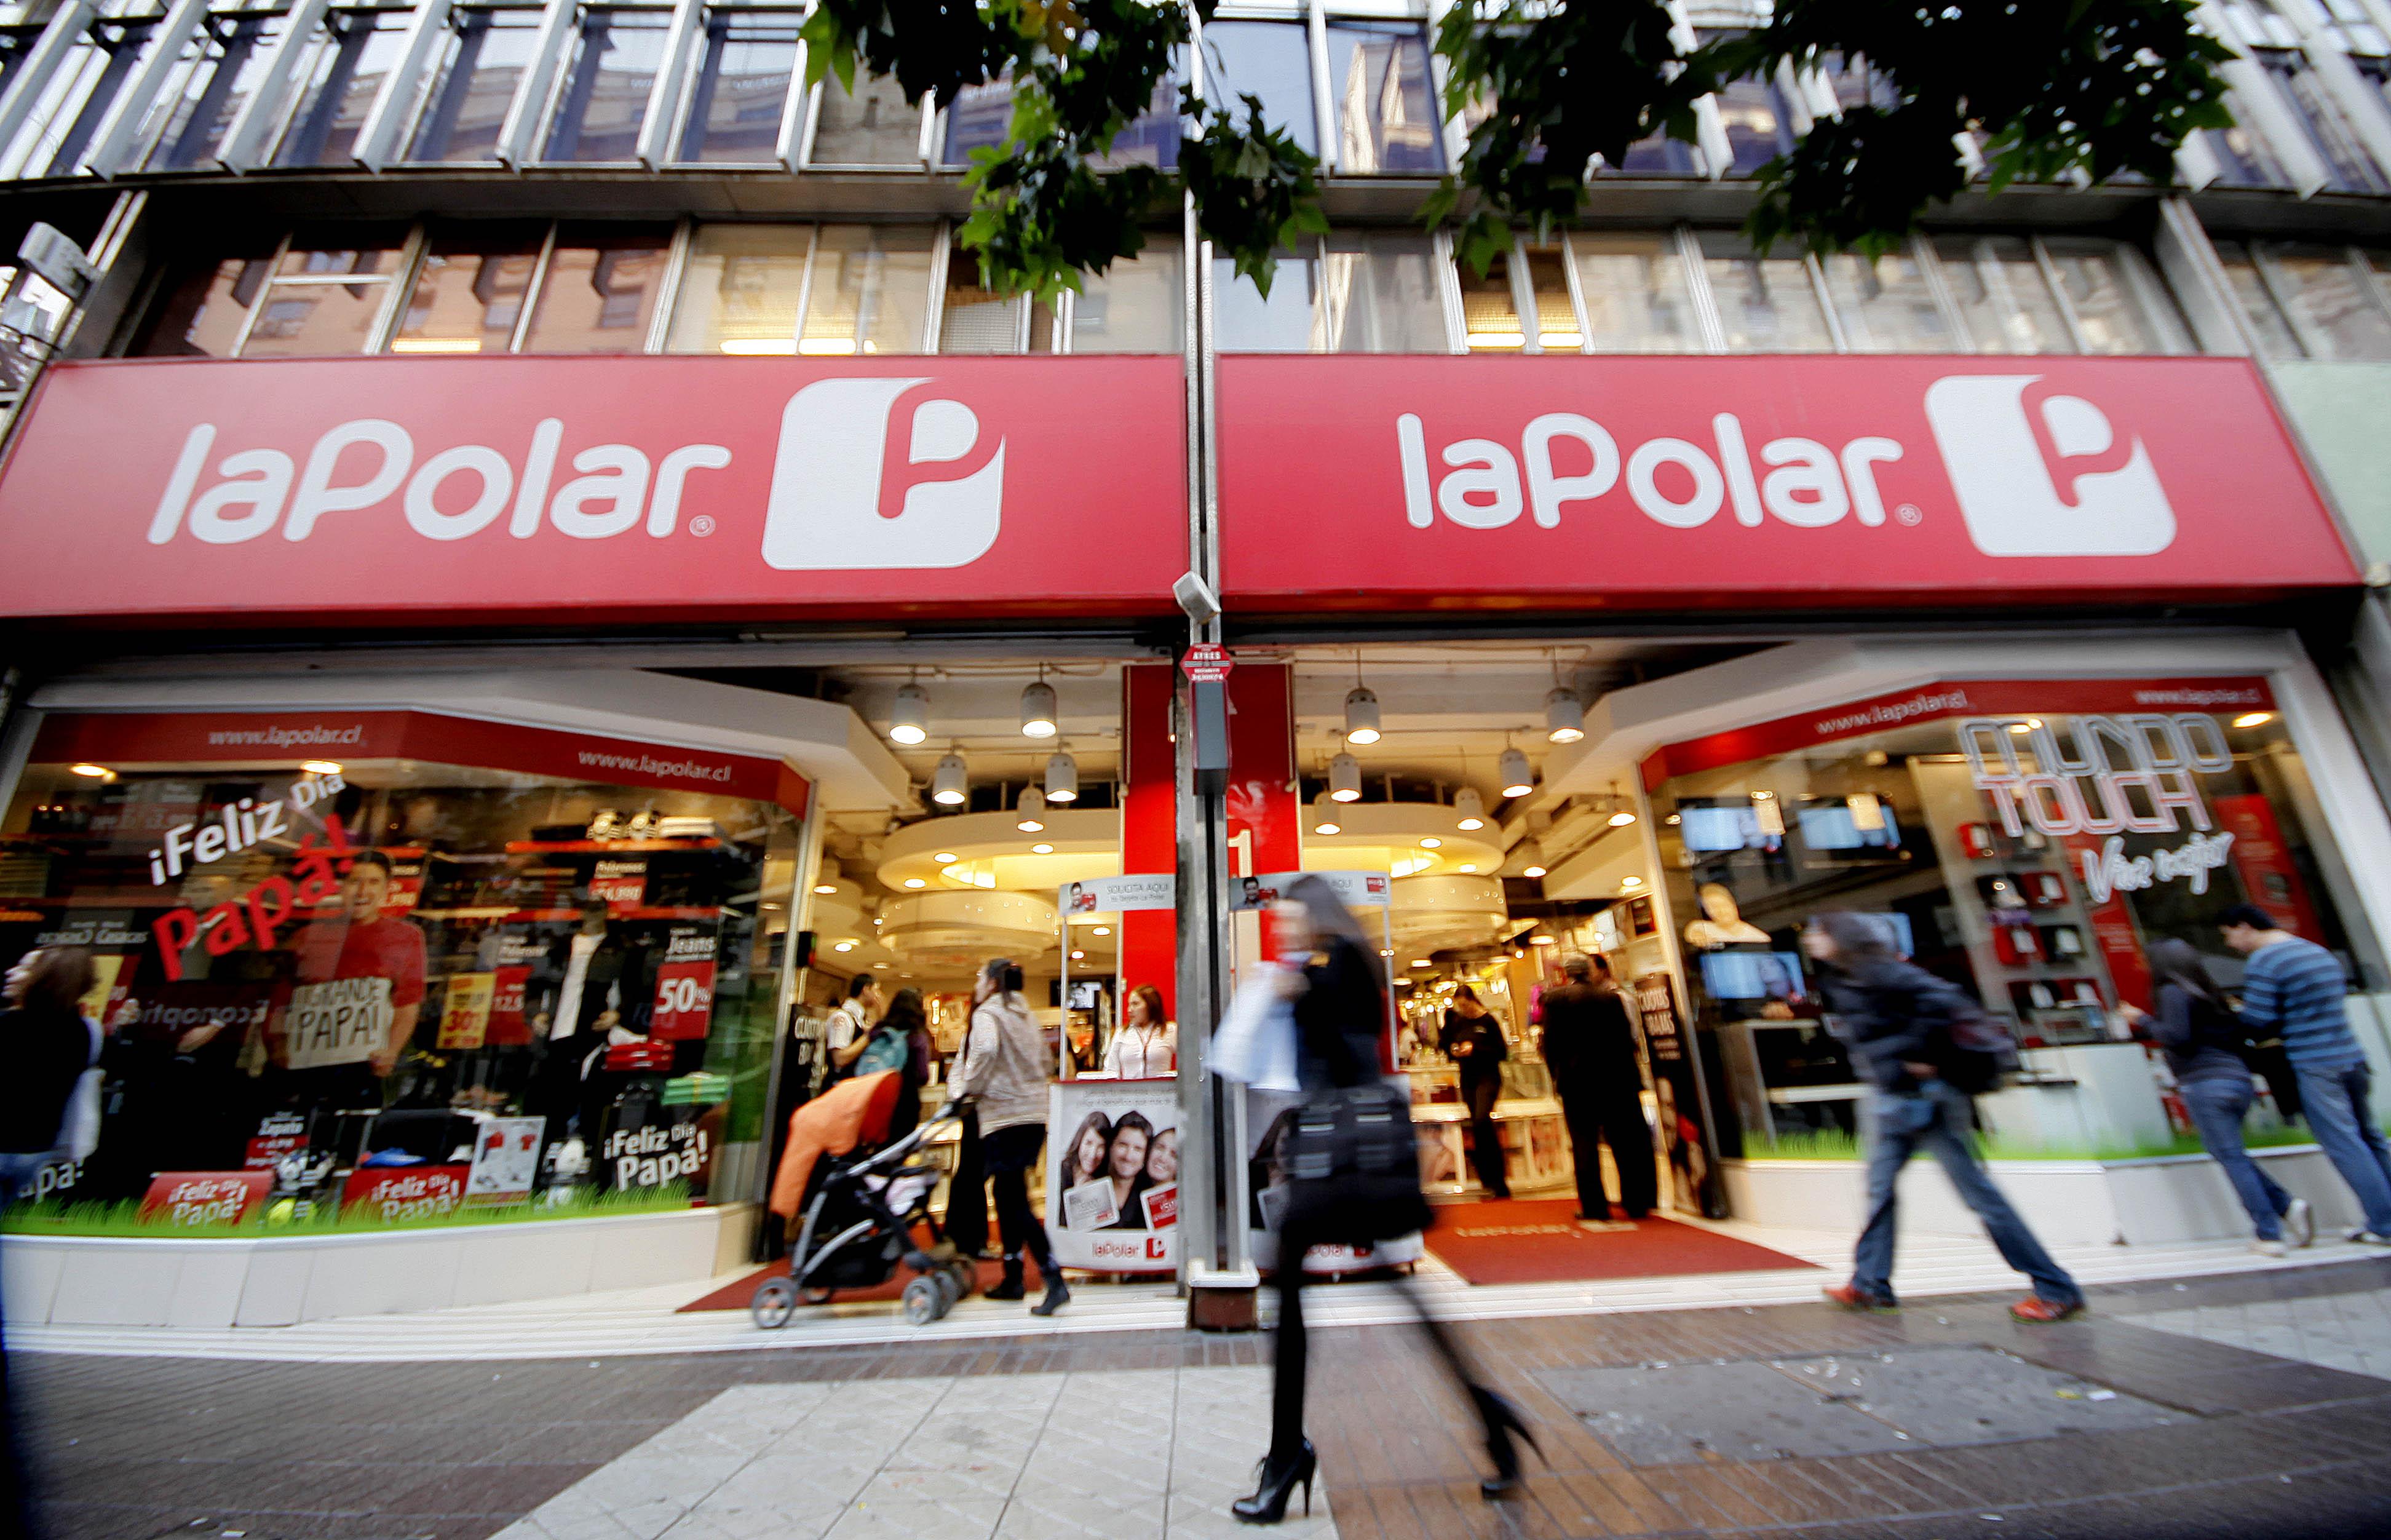 Otra vez La Polar: Sernac demanda por refinanciamiento no informado en tarjetas de crédito